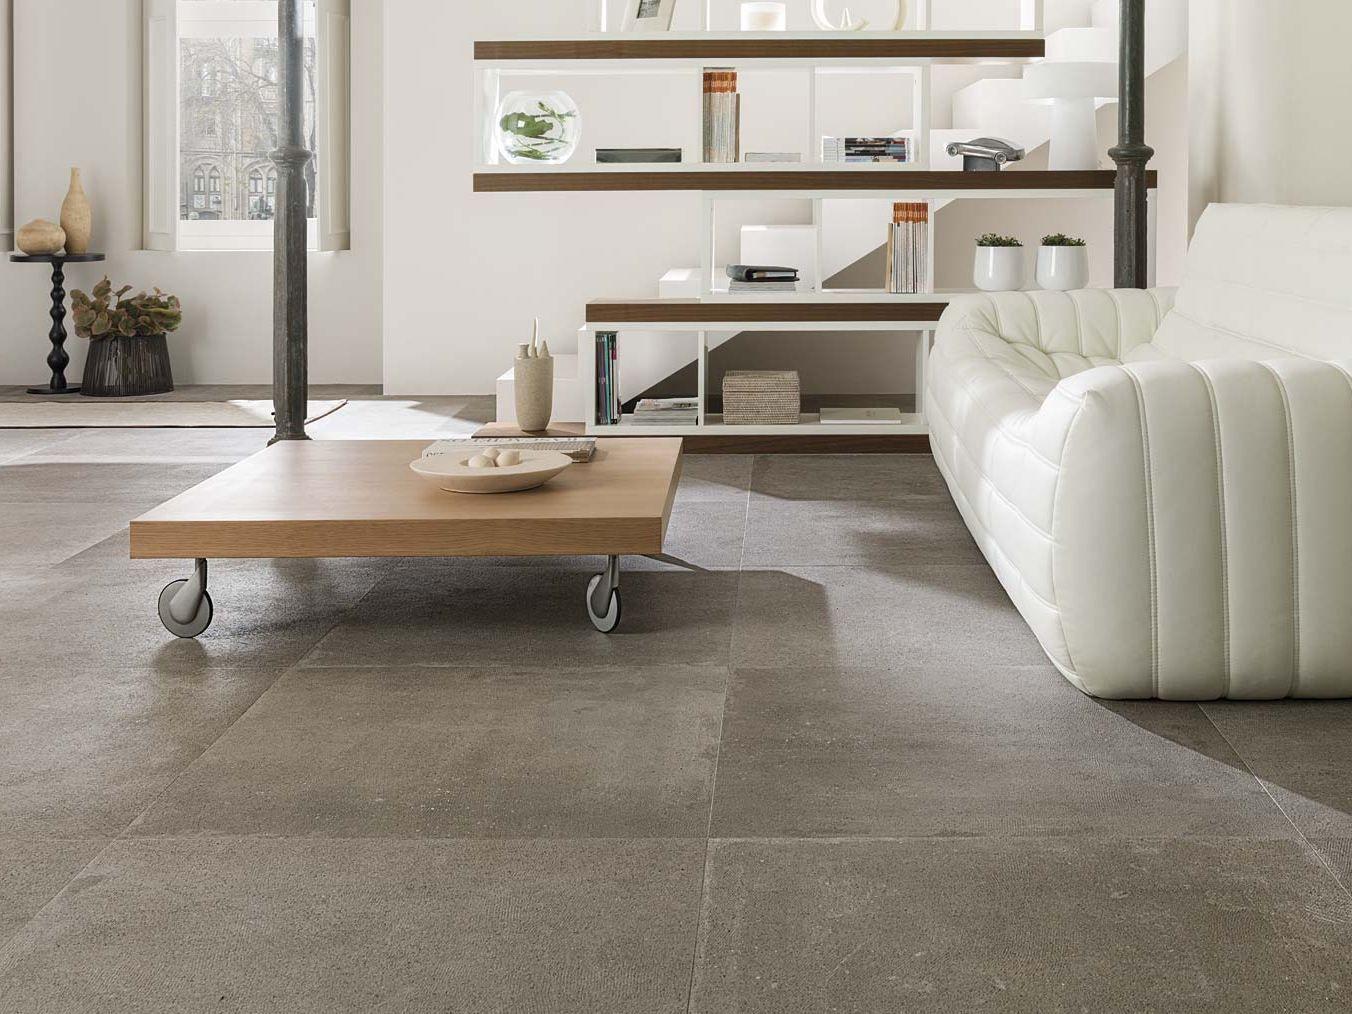 Wall Floor Tiles STON KERR